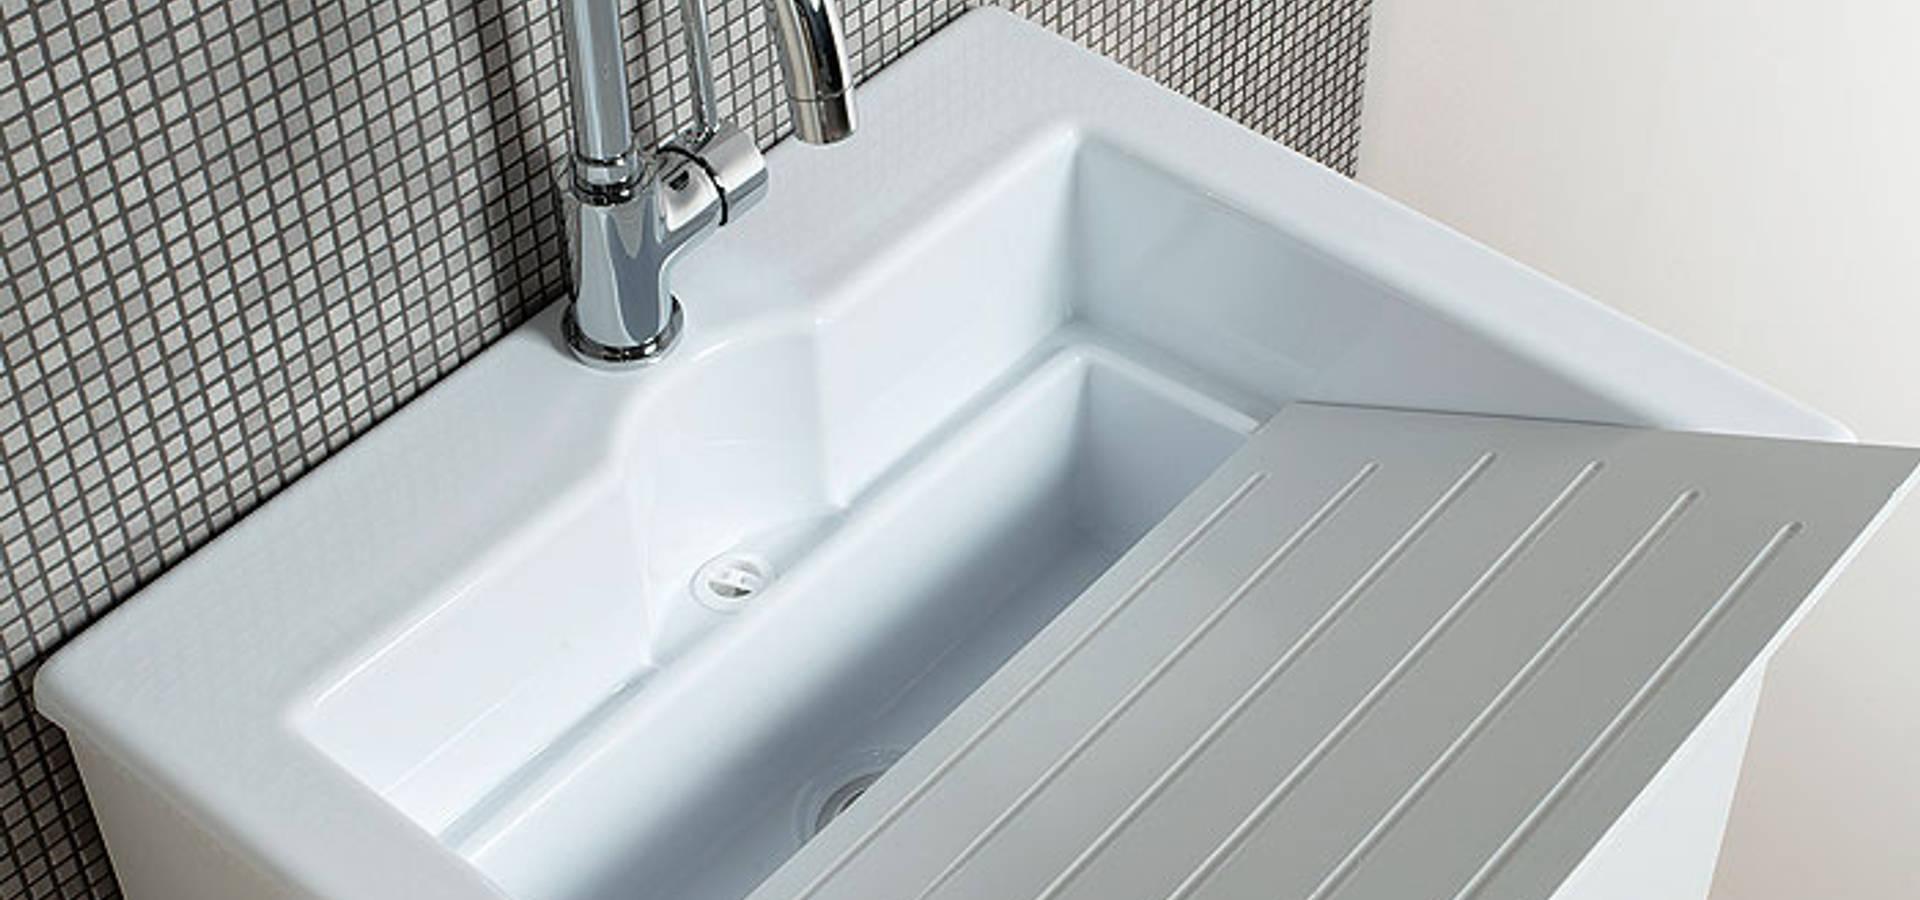 Vasca da bagno angolare serie Wap 150x100xh55 di Jo-Bagno.it | homify